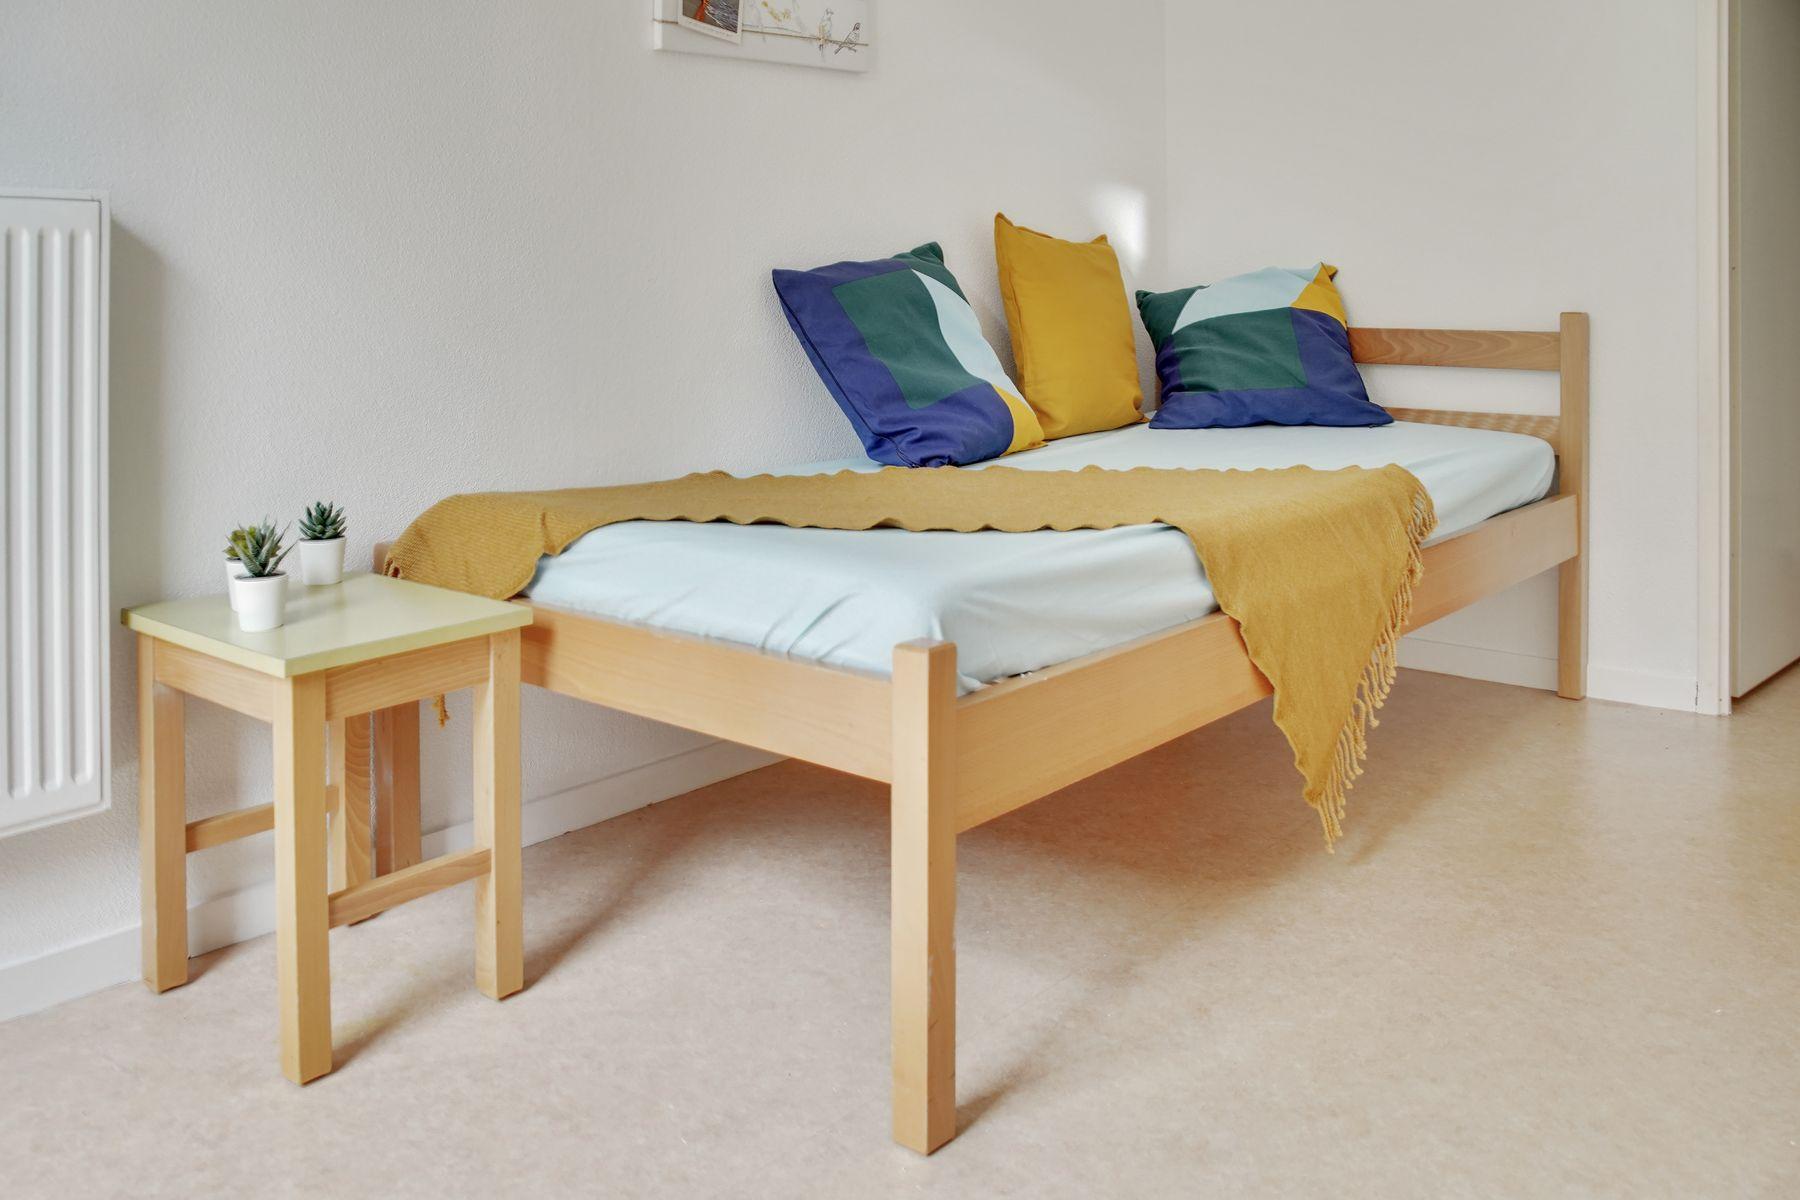 LOGIFAC résidence étudiante Bon temps Melun lit coussins et table de nuit